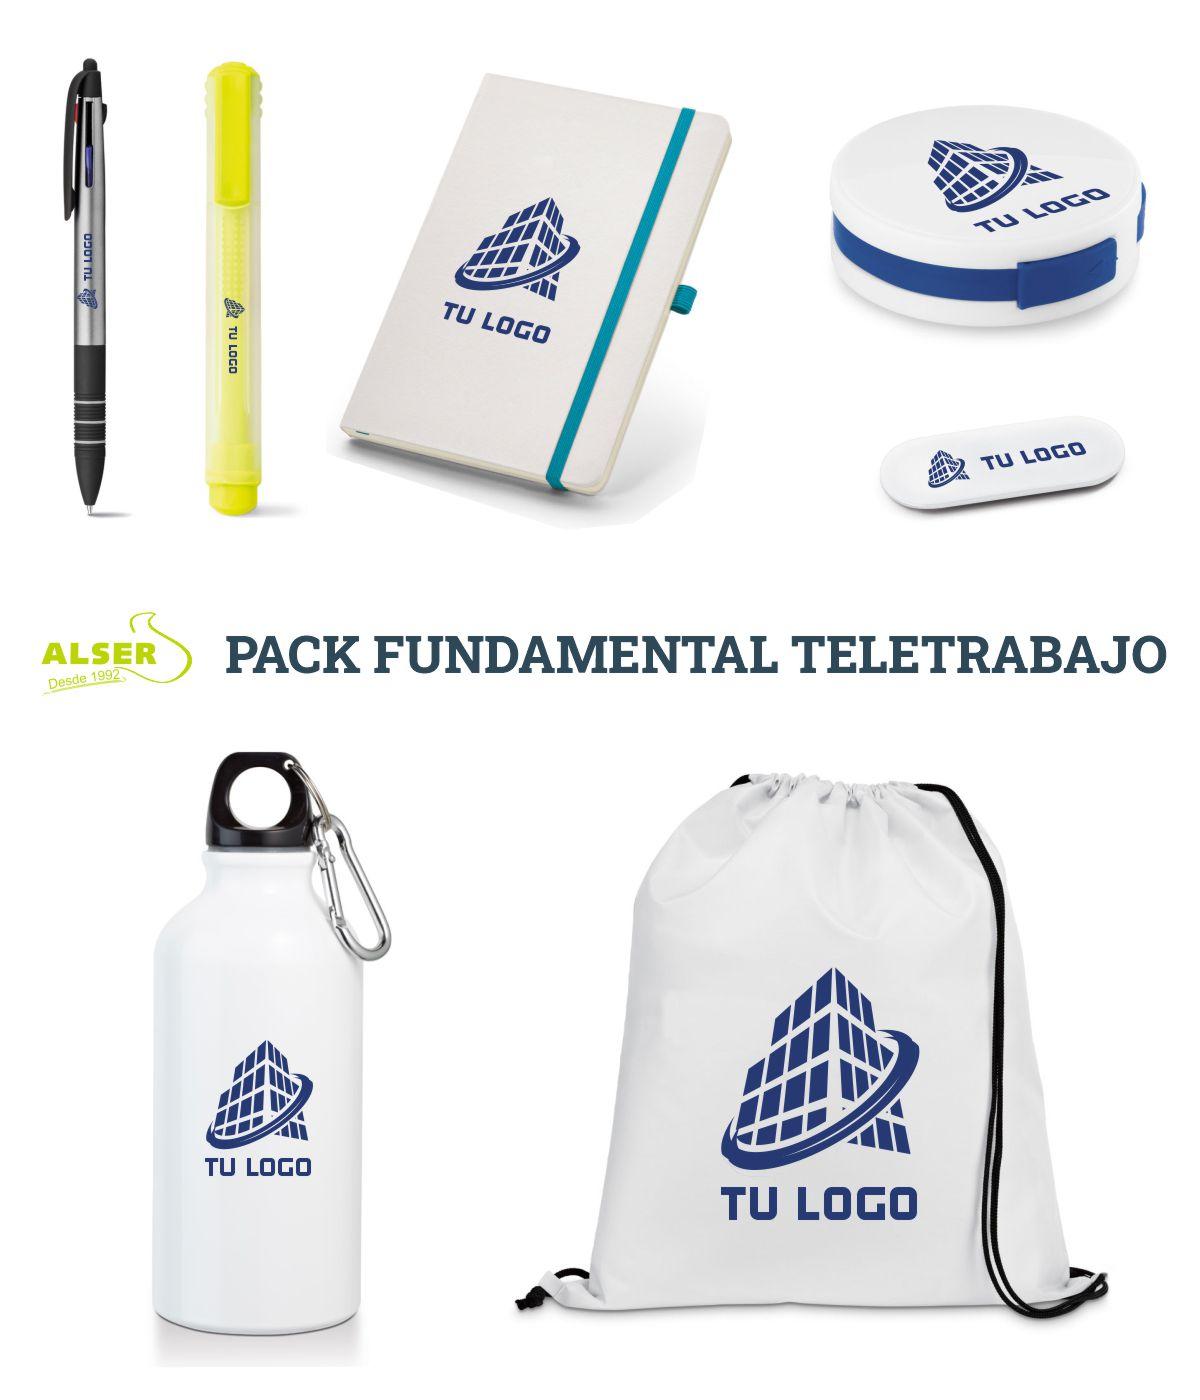 Pack fundamental de teletrabajo.